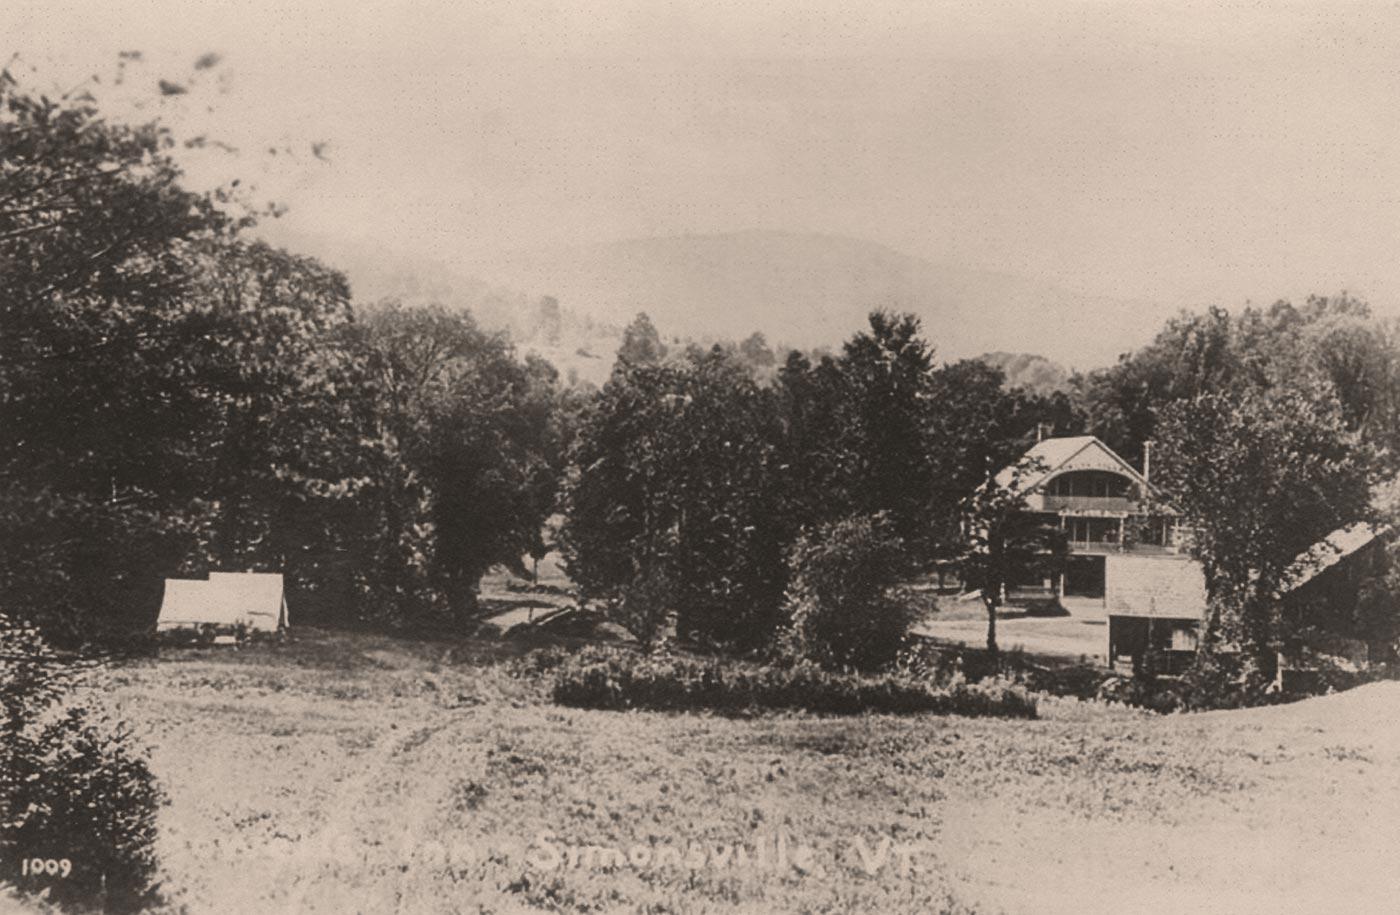 Rowell's Inn Historic Photo